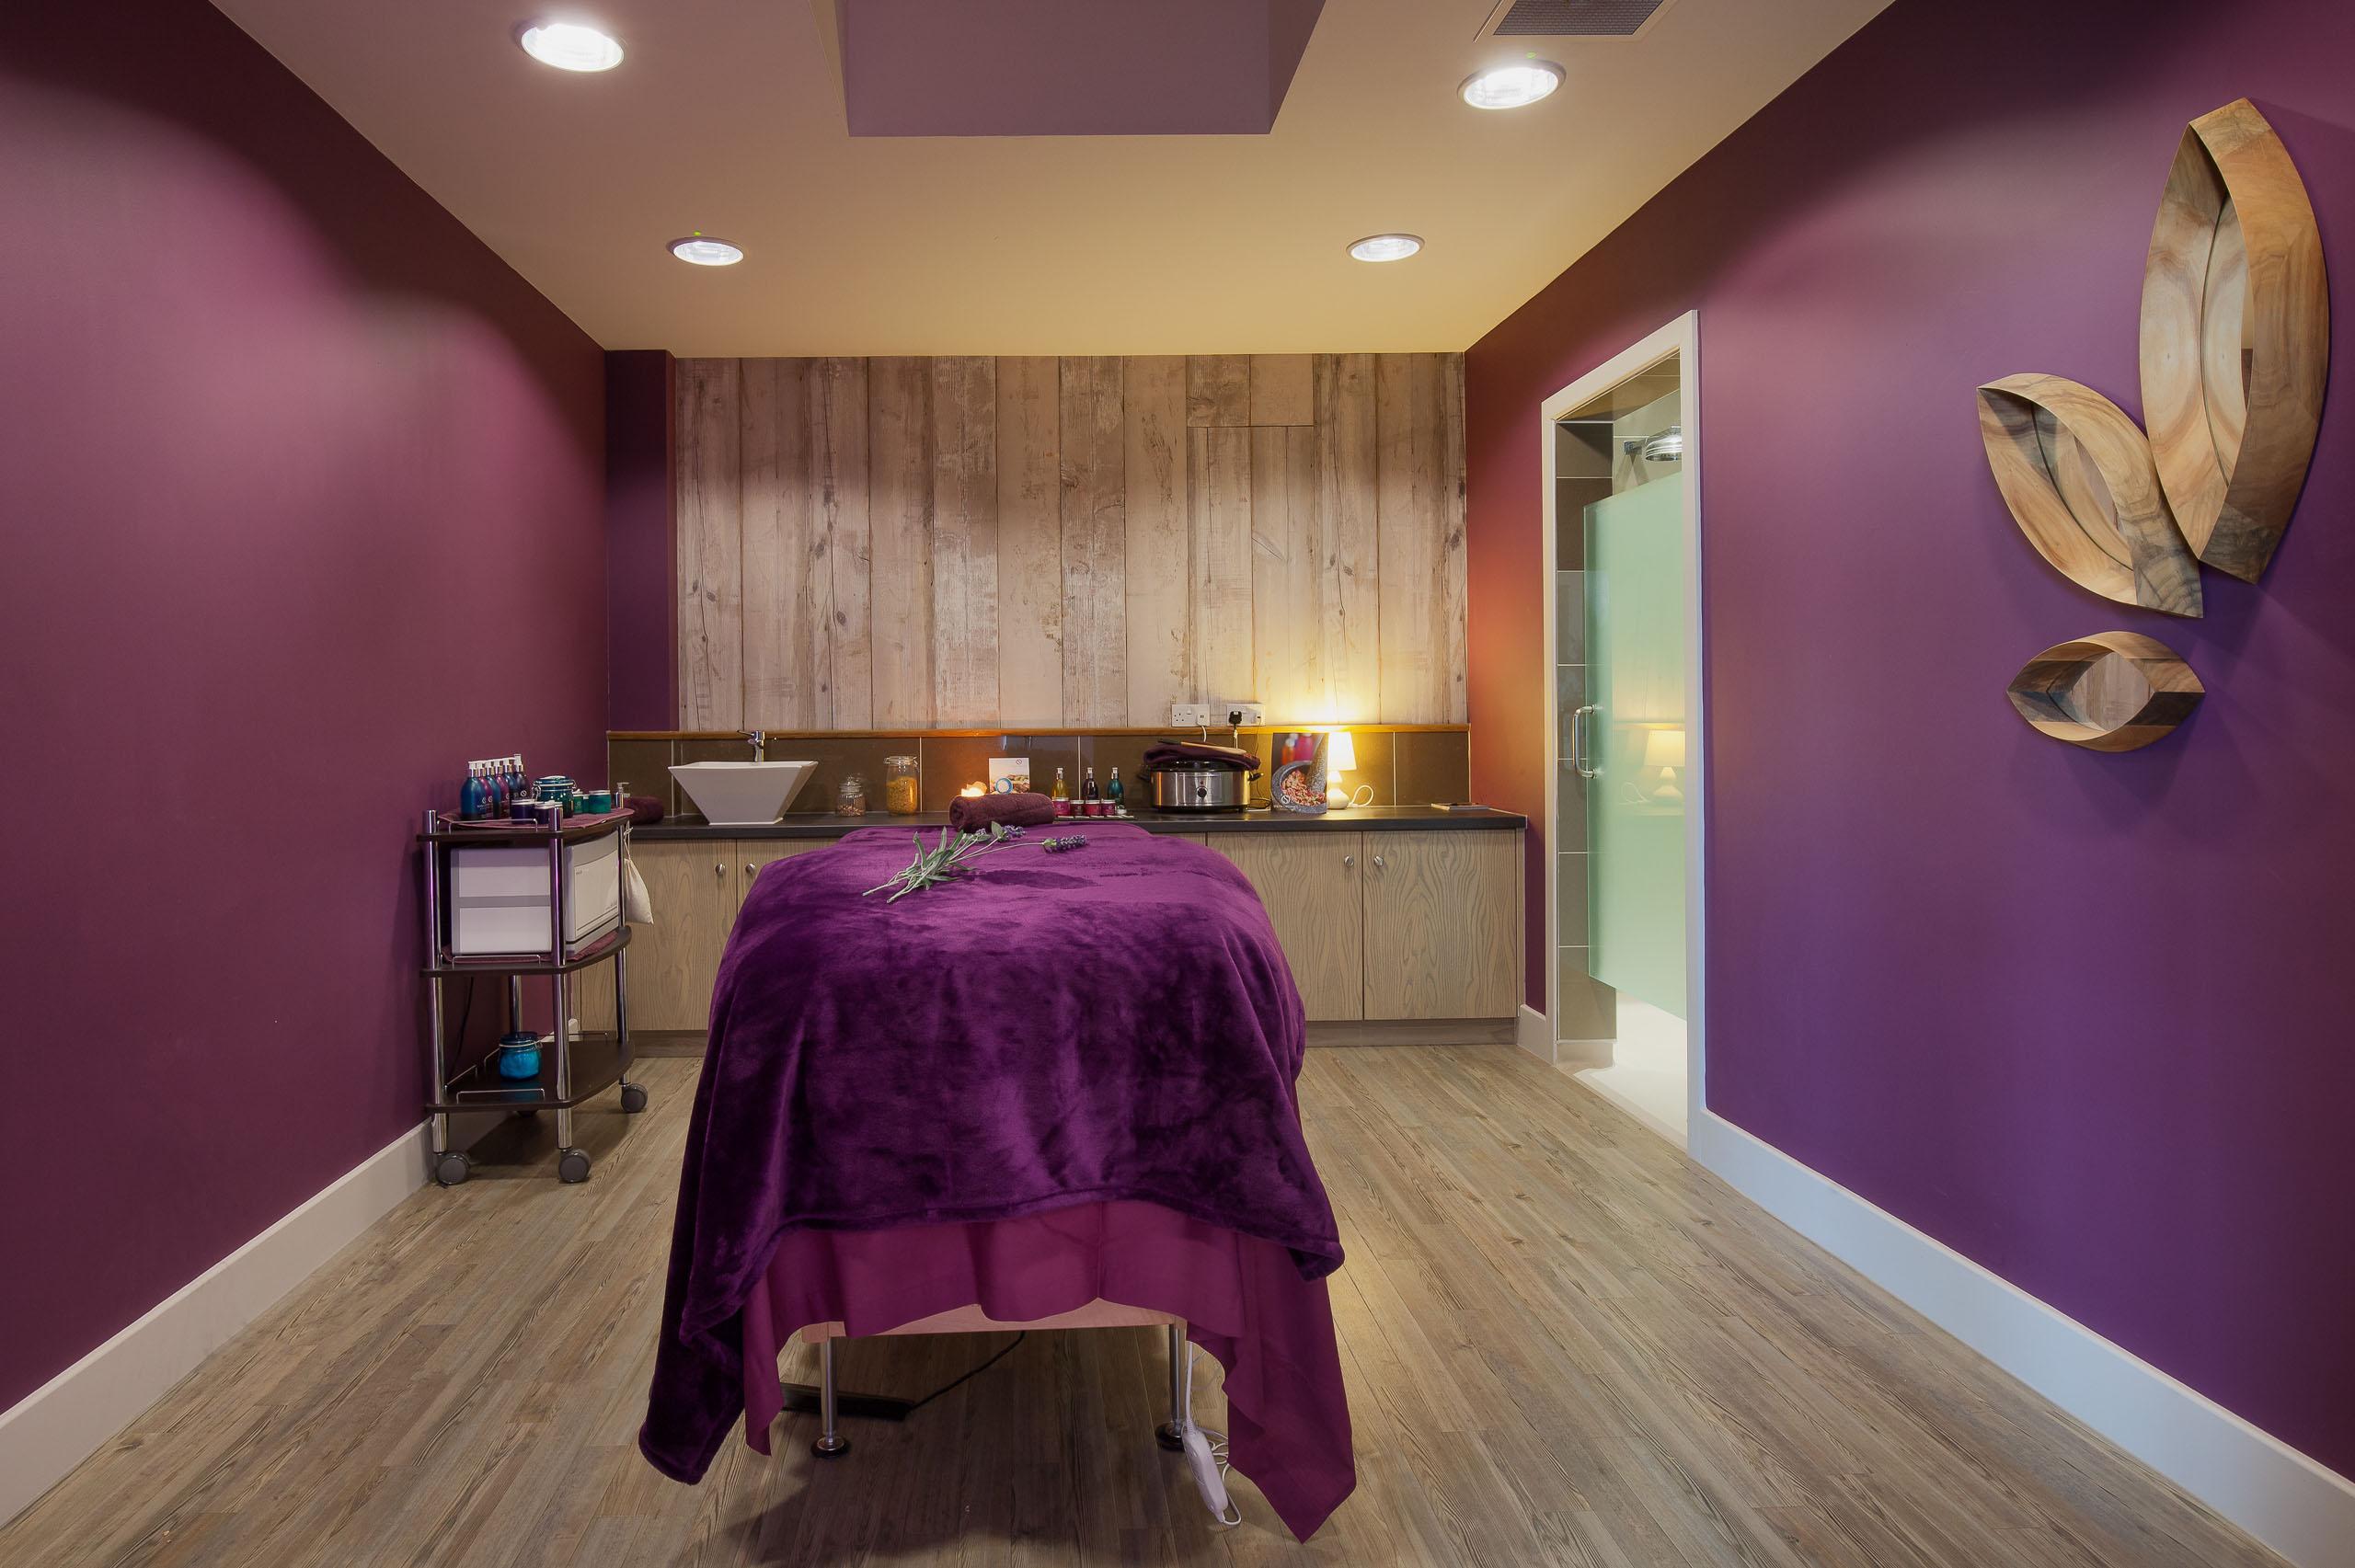 Treatment room at Una St Ives